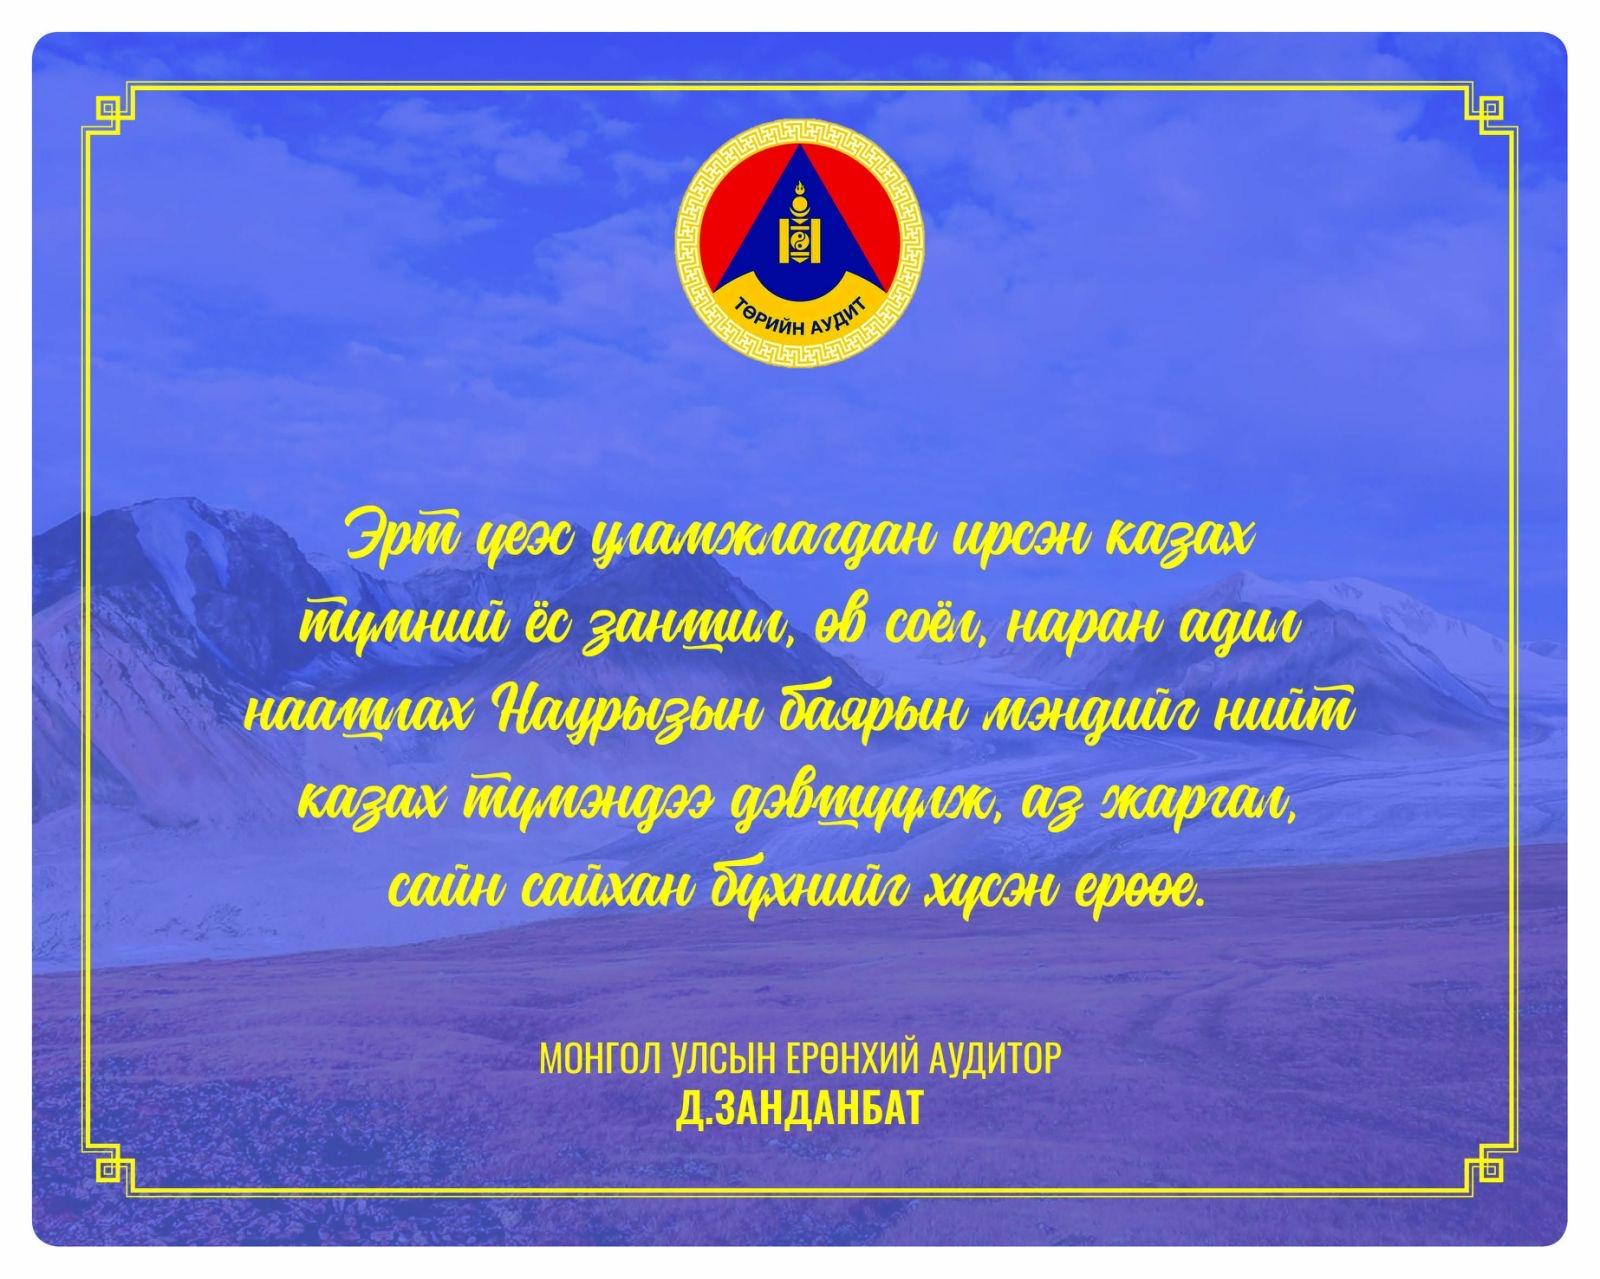 Монгол Улсын Ерөнхий Аудитор Наурызын мэндчилгээ дэвшүүллээ